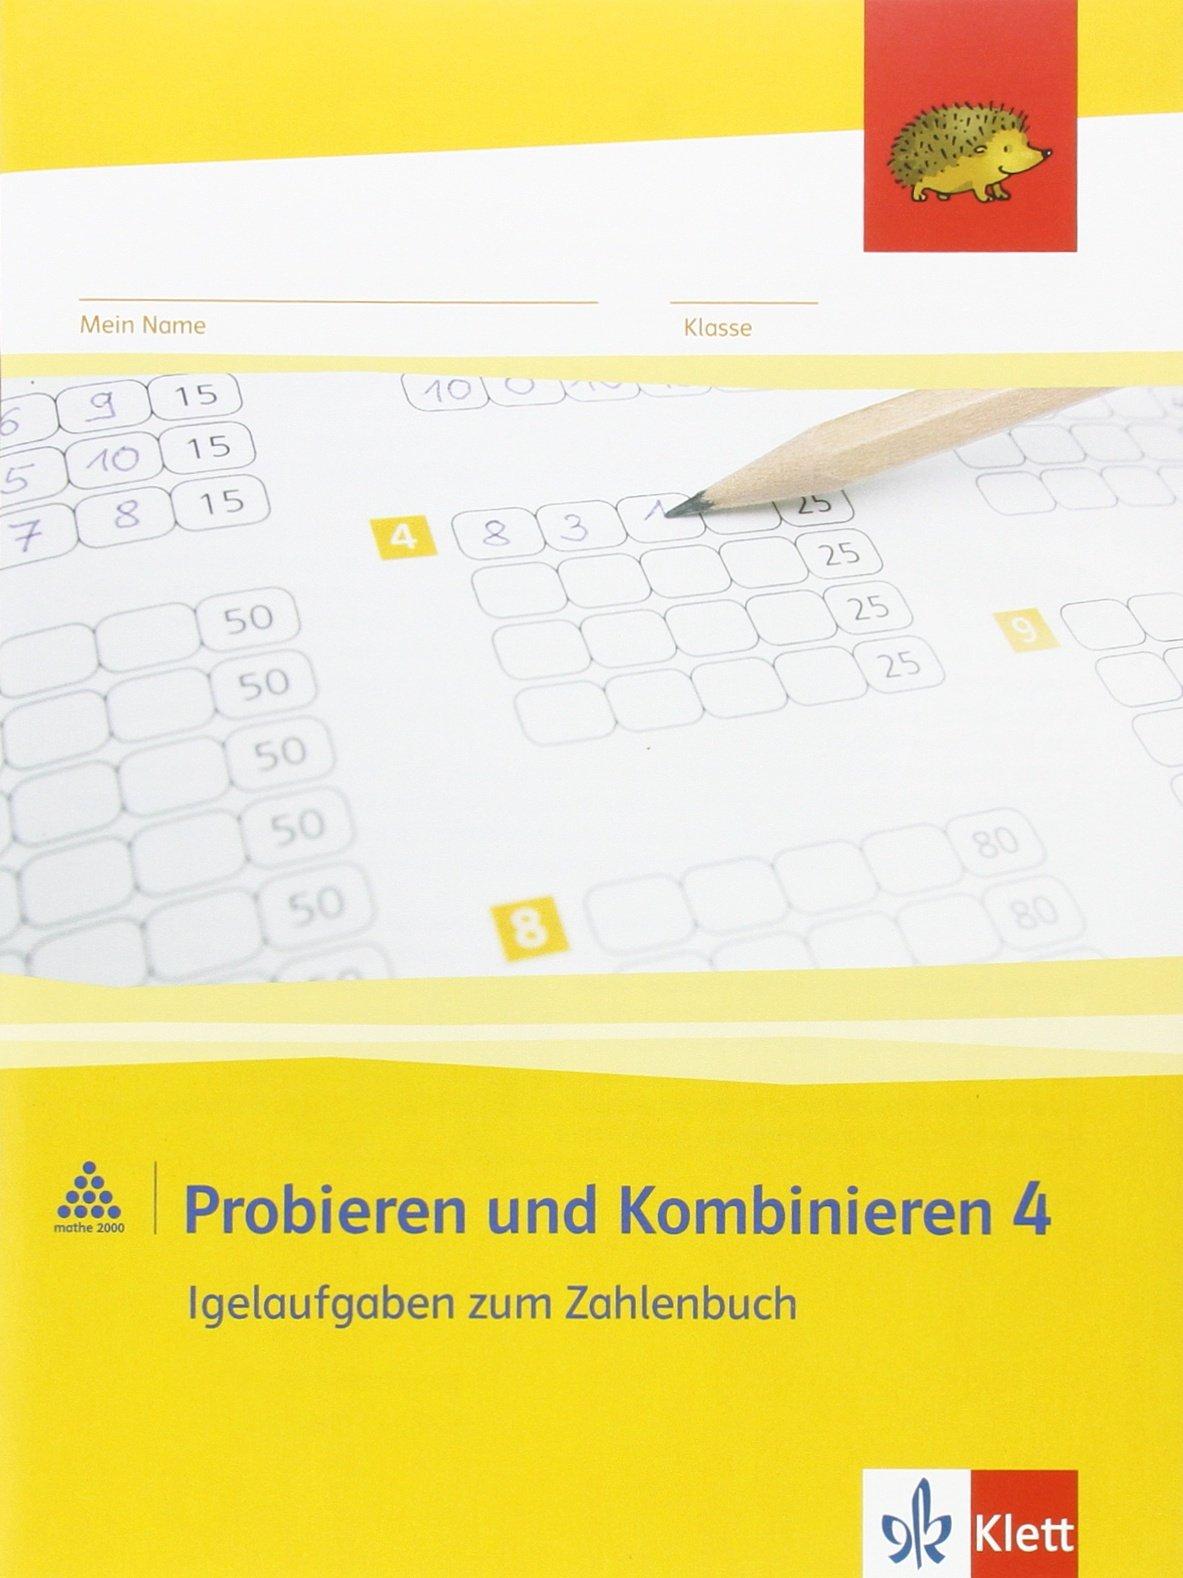 Probieren und Kombinieren 4: Arbeitsheft (inkl. Lösungsheft) Klasse 4 (Programm Mathe 2000+)